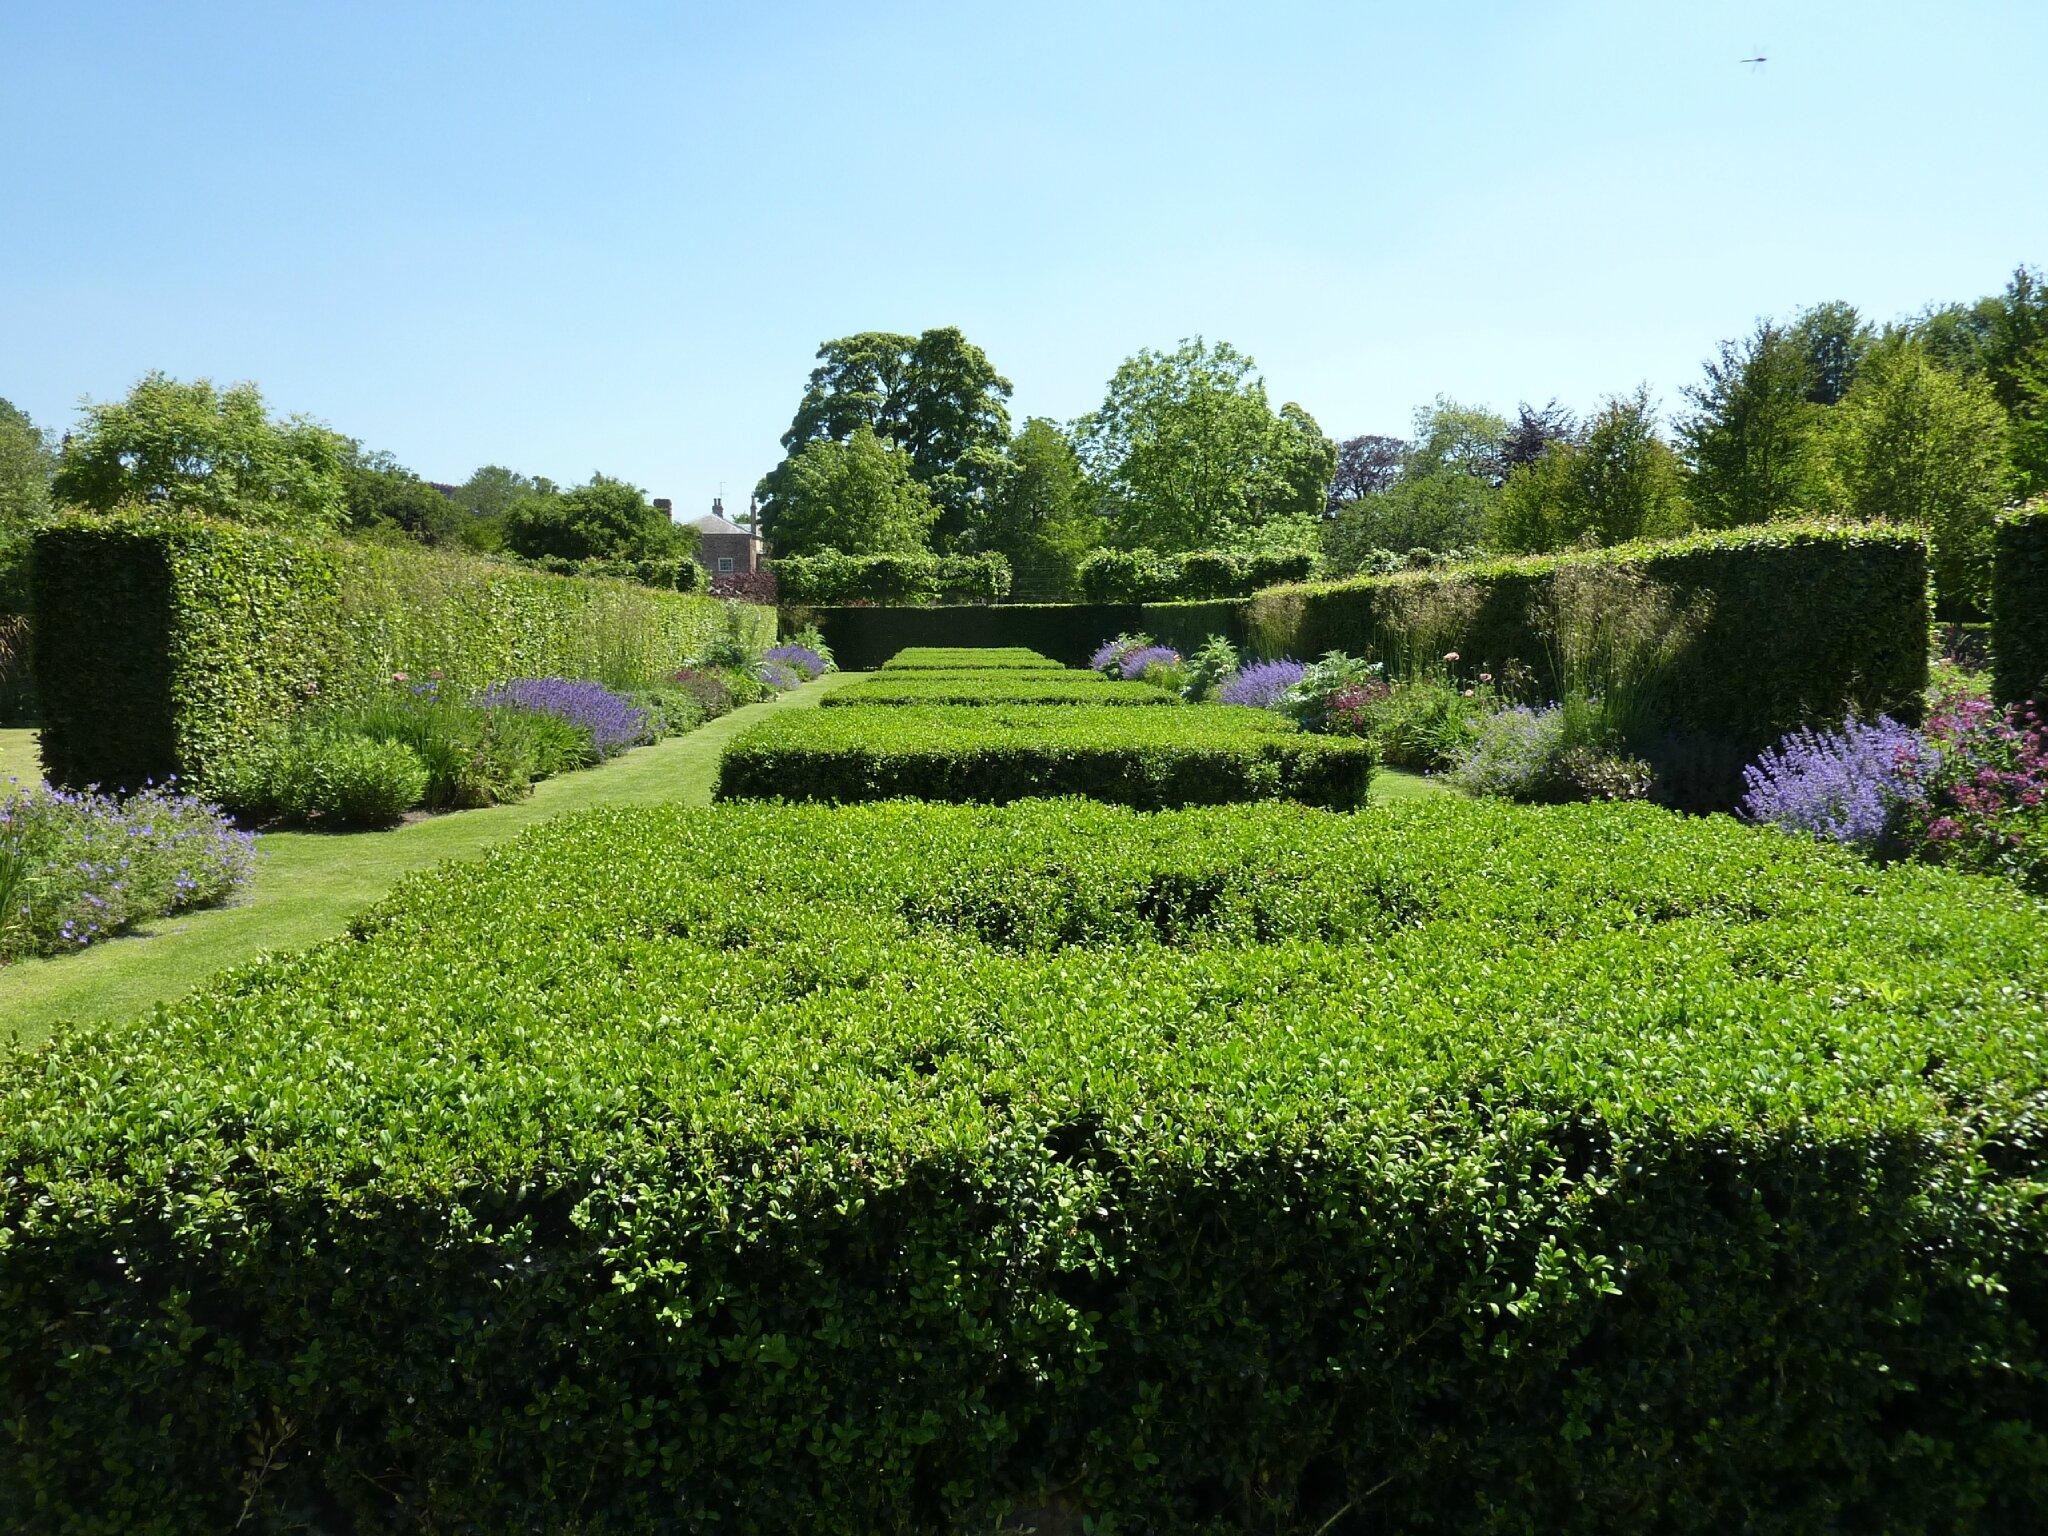 Scampston hall 7 10 le jardin par passion for Scopitone 2015 jardin des plantes